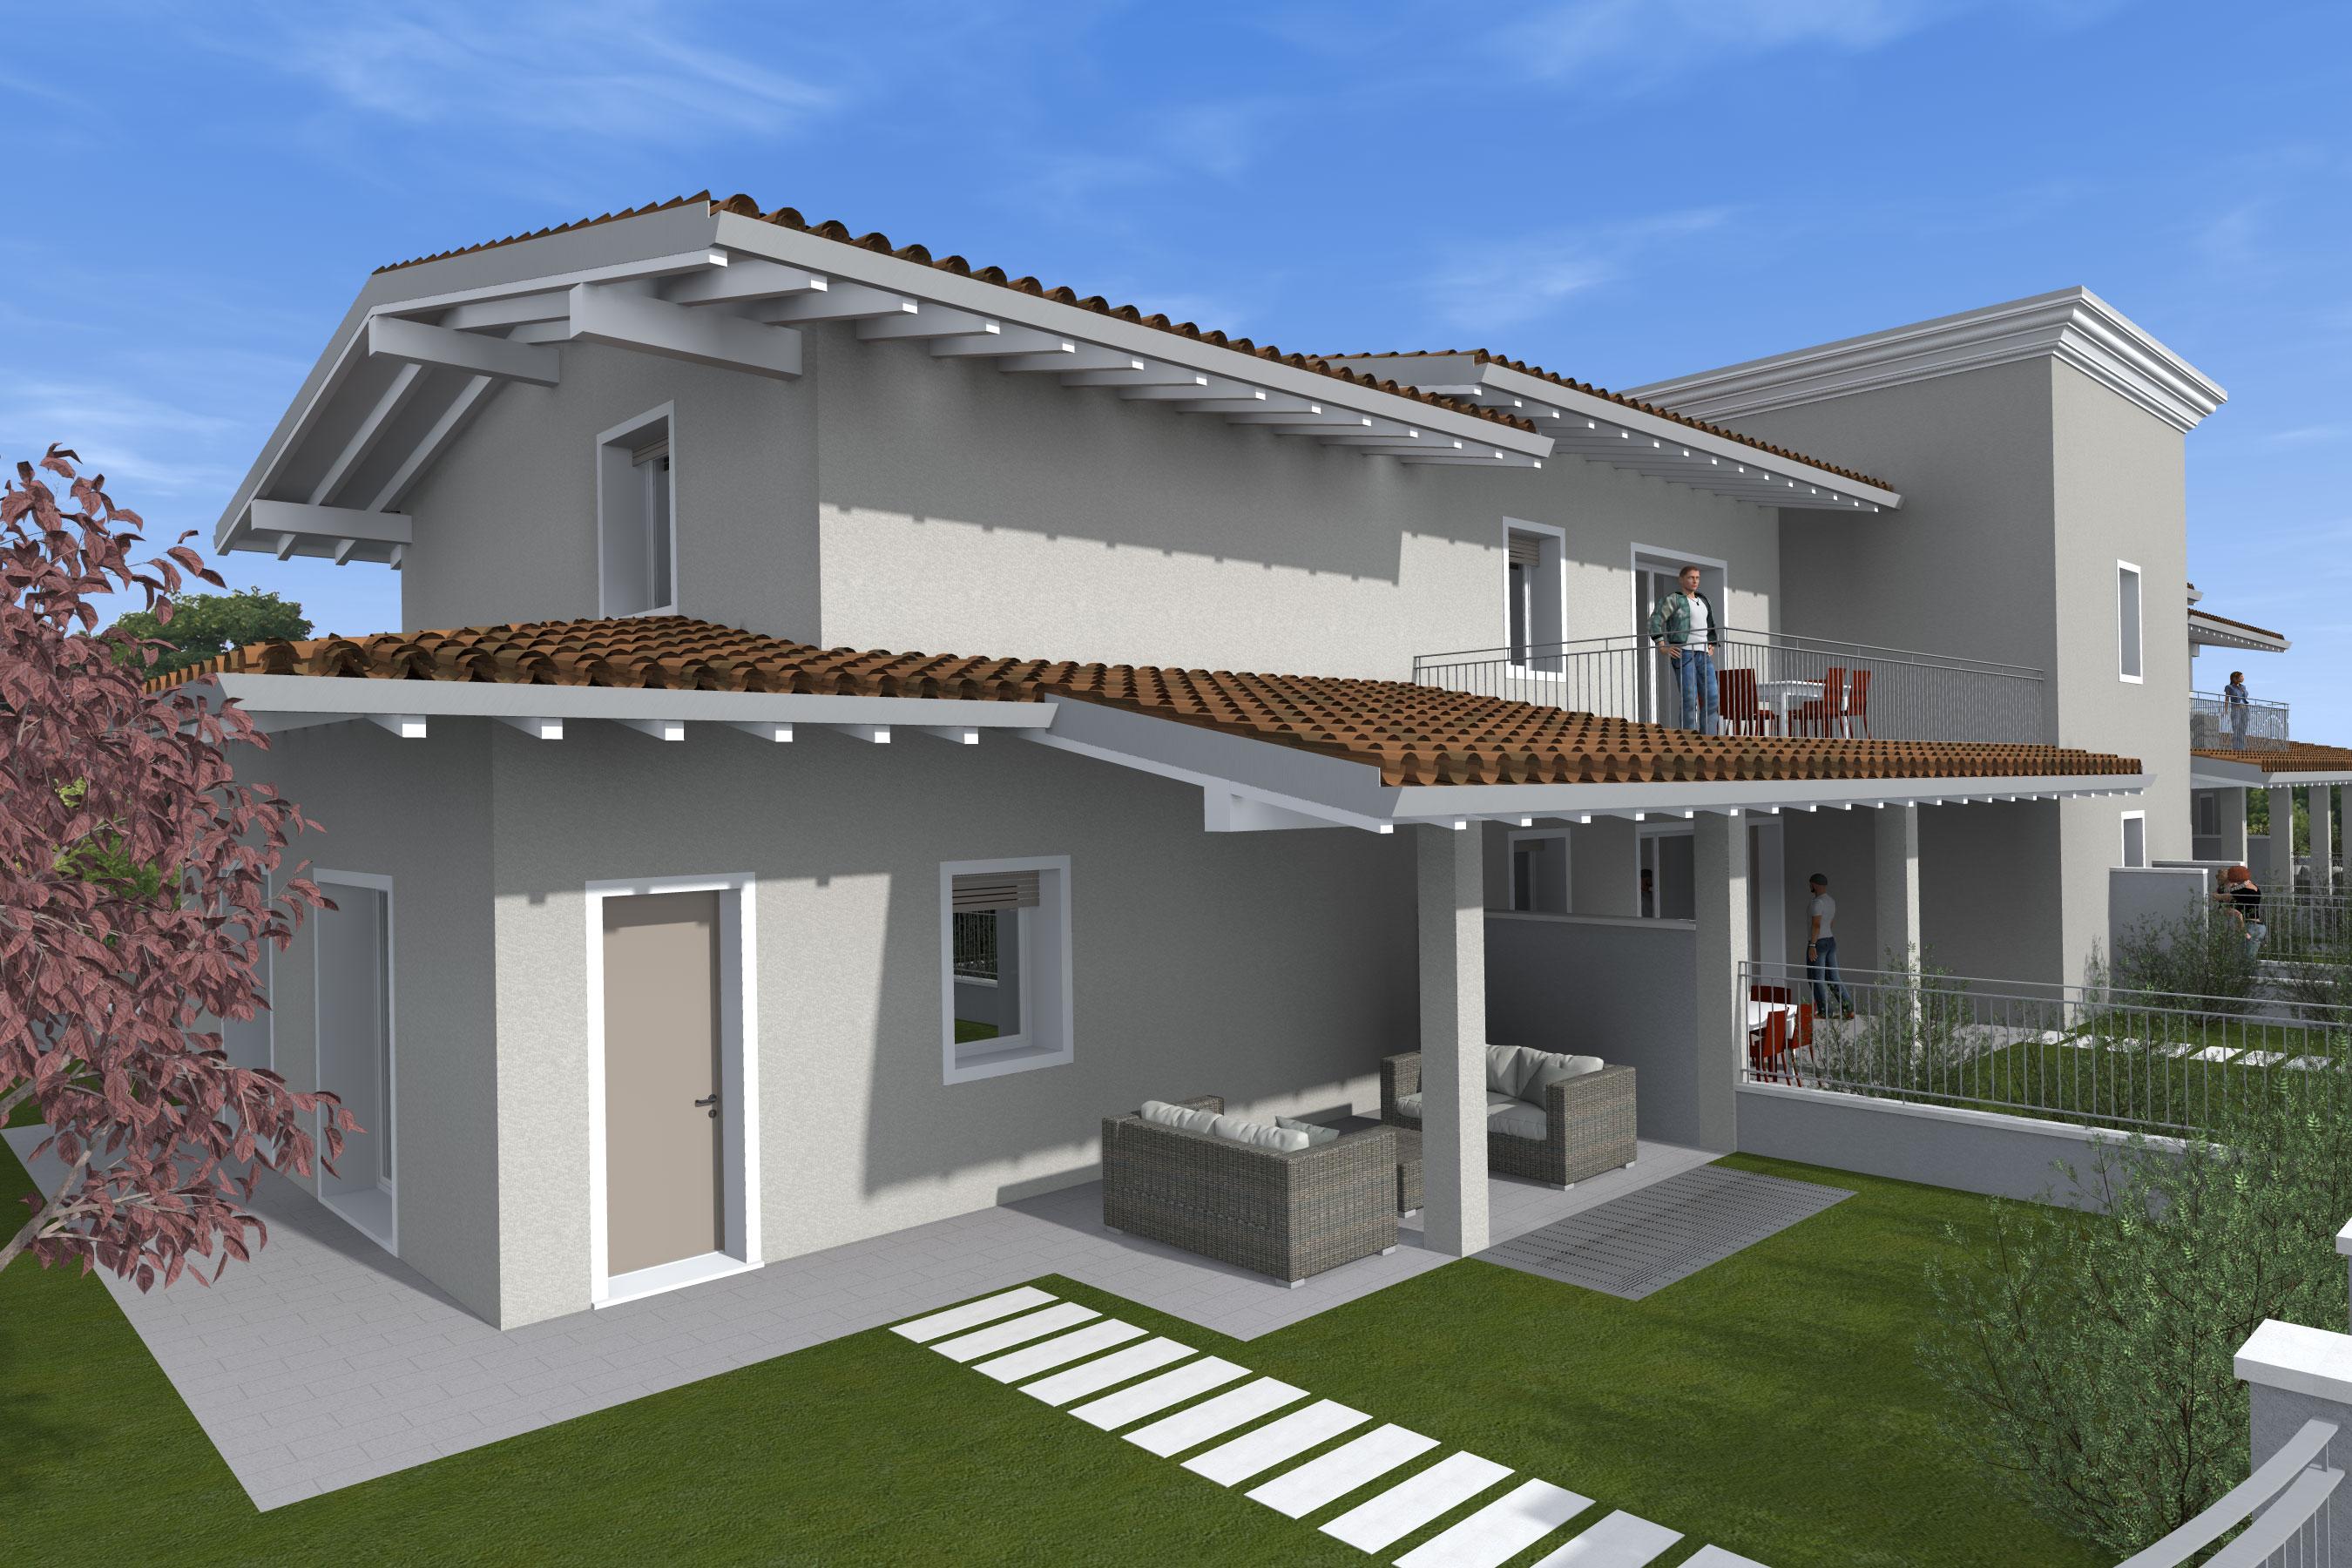 Appartamento in vendita a Mazzano, 3 locali, prezzo € 220.000 | PortaleAgenzieImmobiliari.it